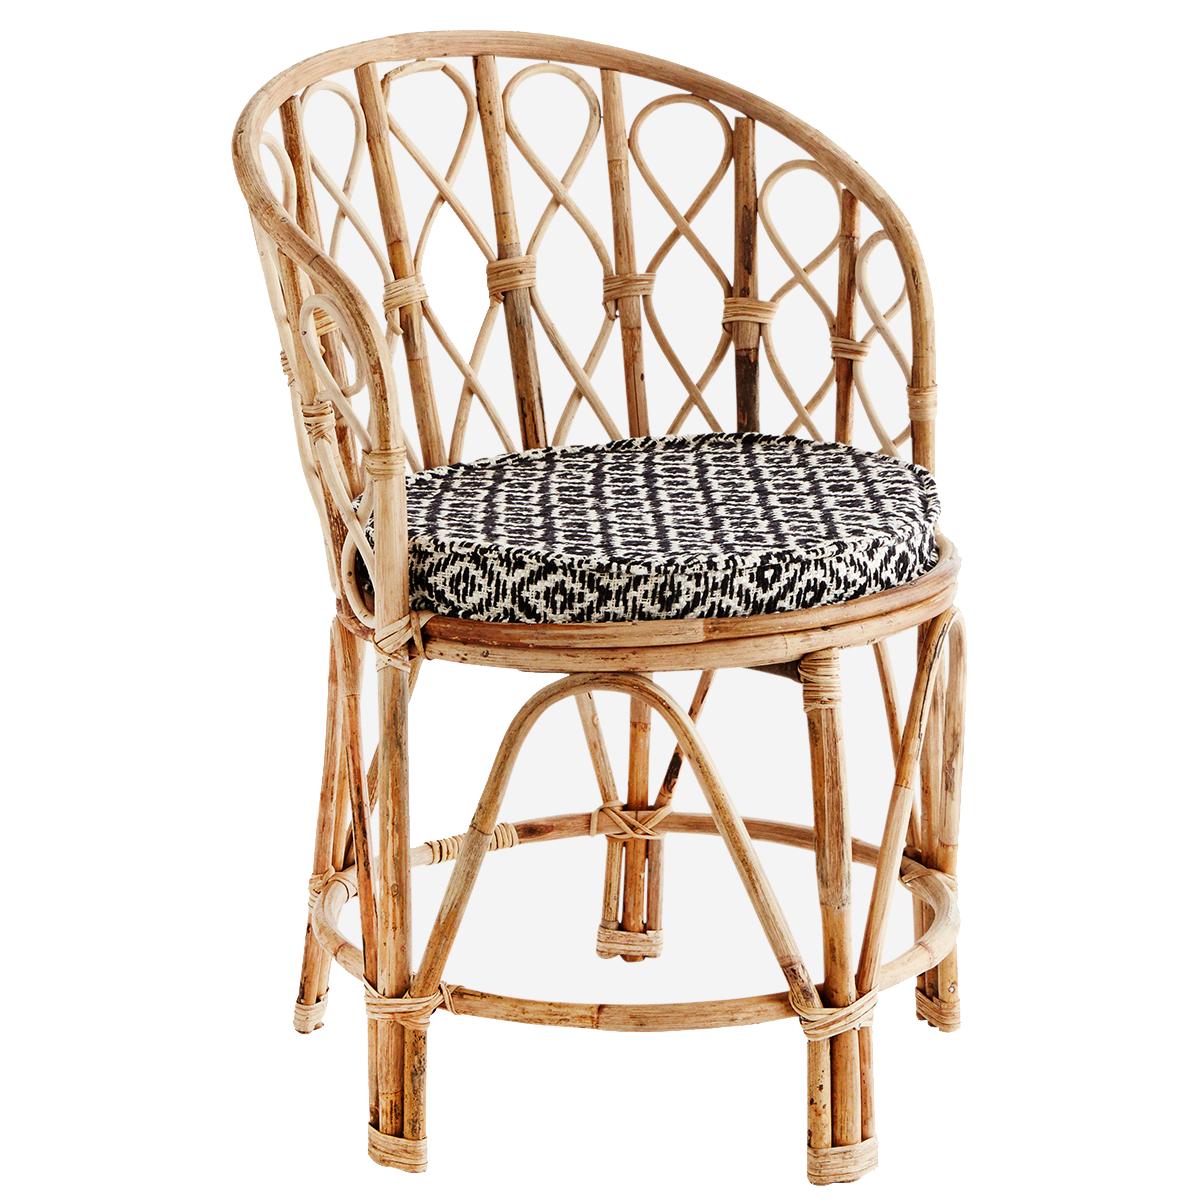 Madam Stoltz Chair  Bamboo - Natural  - D:46x76 cm - Madam Stolz